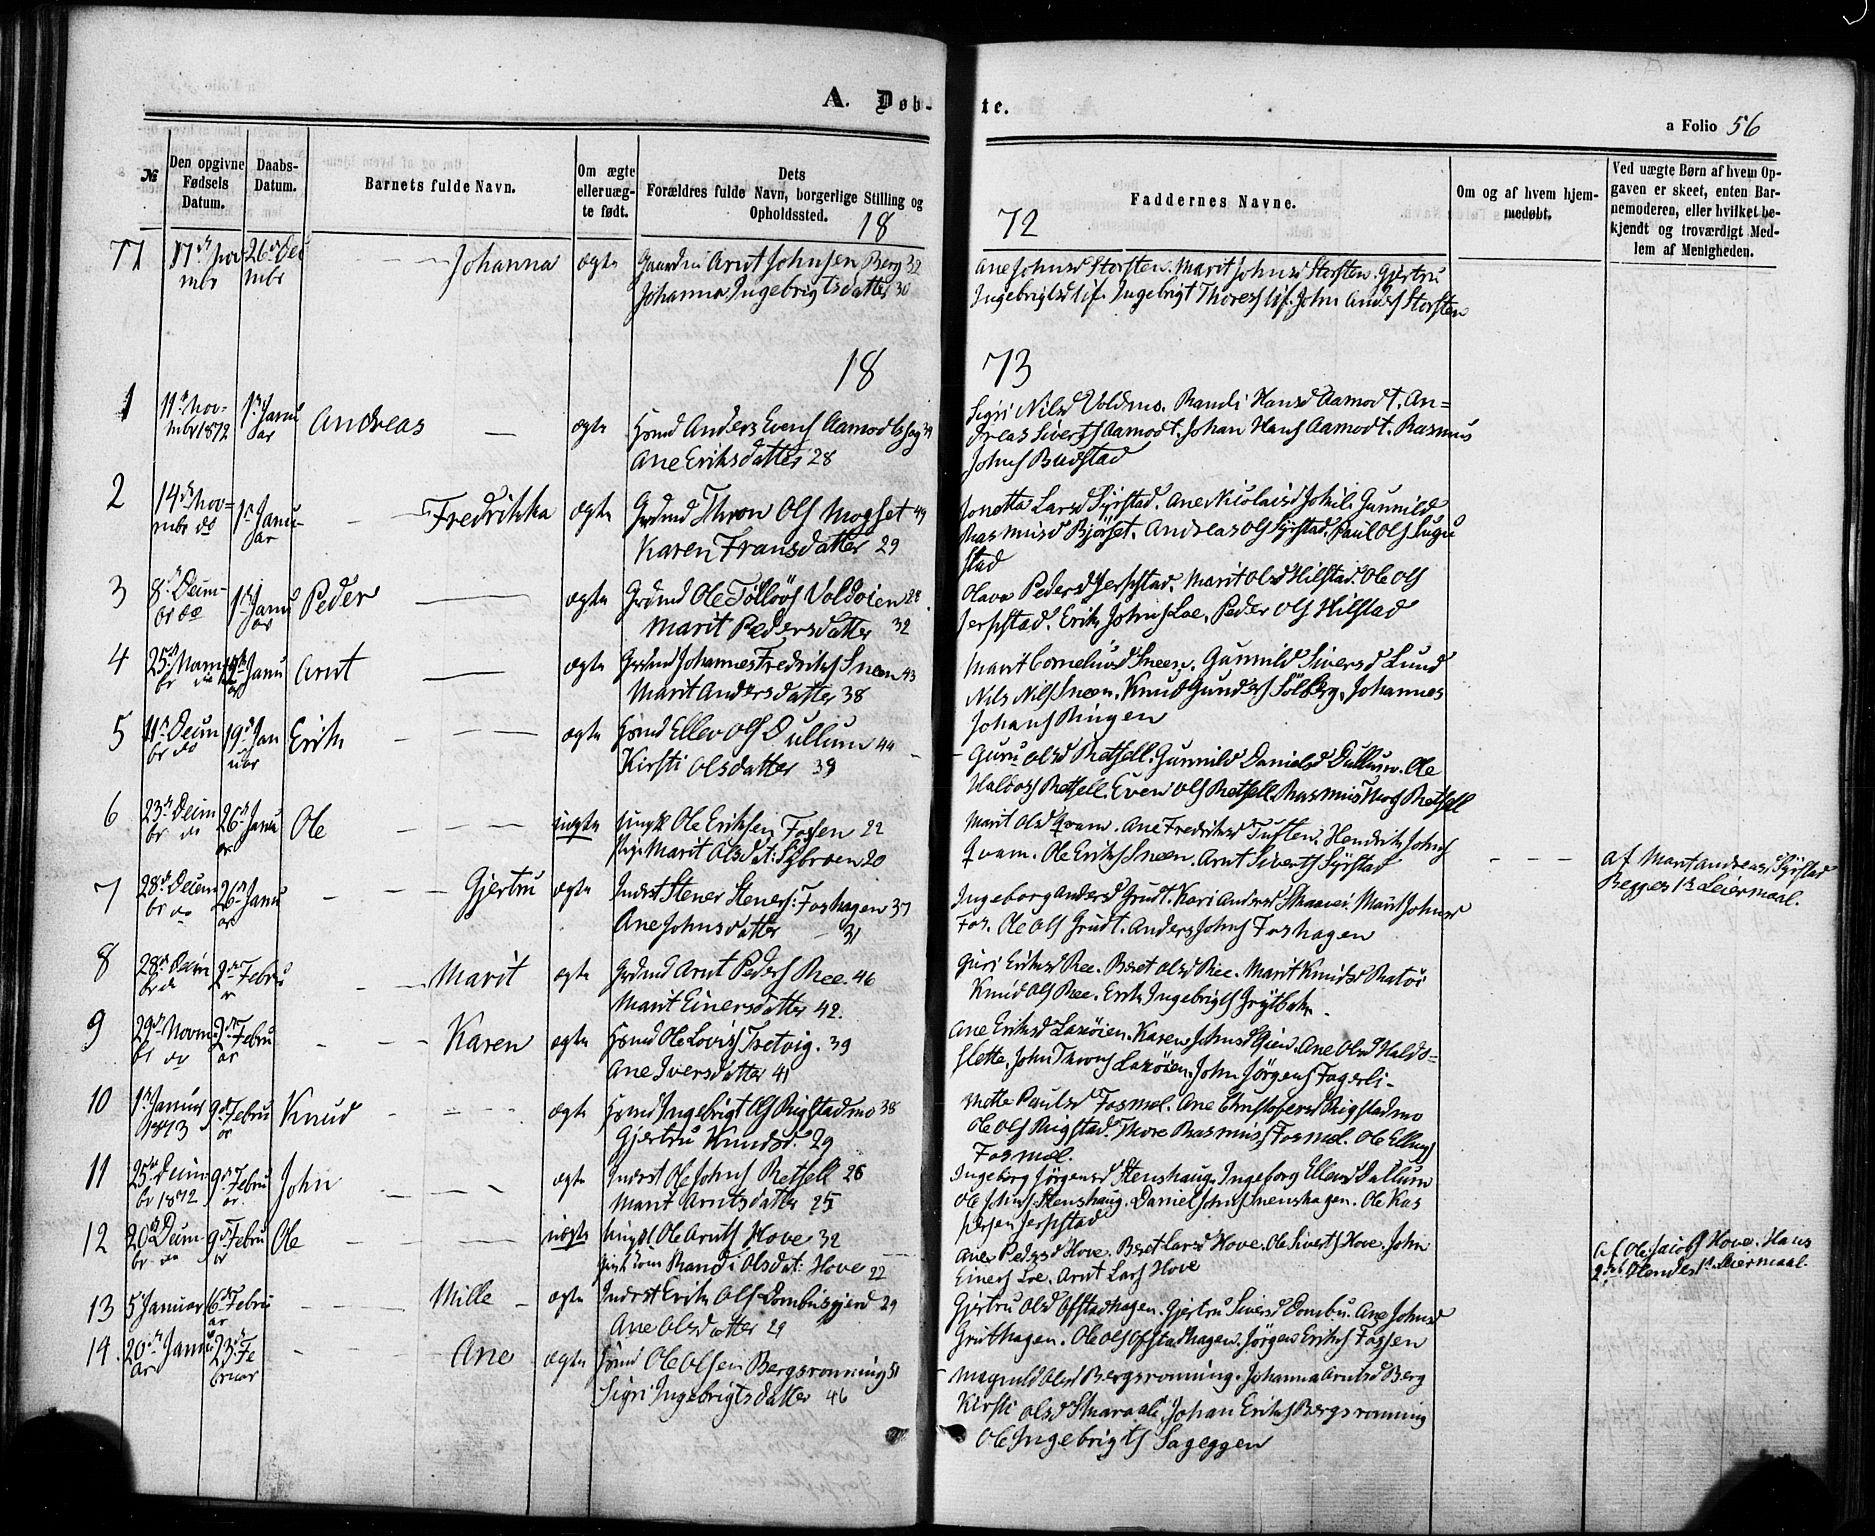 SAT, Ministerialprotokoller, klokkerbøker og fødselsregistre - Sør-Trøndelag, 672/L0856: Ministerialbok nr. 672A08, 1861-1881, s. 56